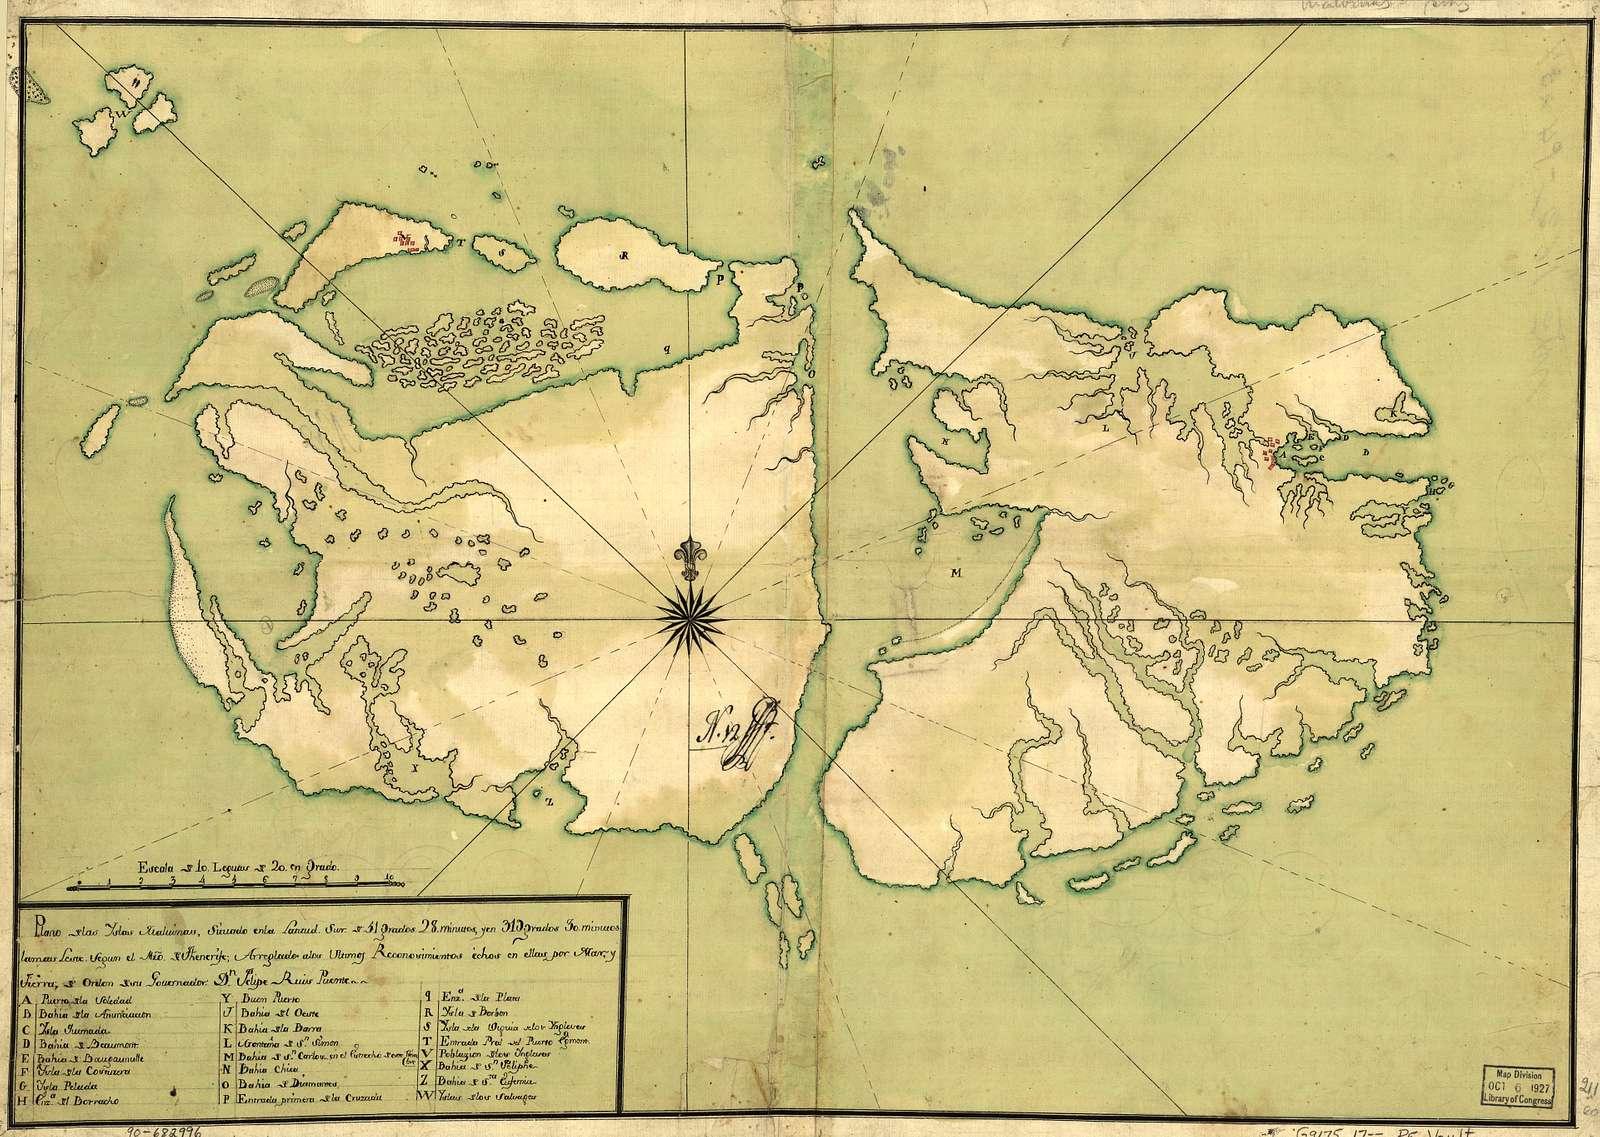 Plano de las Yslas Malvinas, situado en la latitud sur de 51 grados 28 minutos y en 319 grados 30 minutos lamas leste segun el mro. de Thenerife, arreglado a los ultimos reconosimientos echos en ellas por mar y tierra, de orden de su Gobernador Dn. Felipe Ruis Puente.